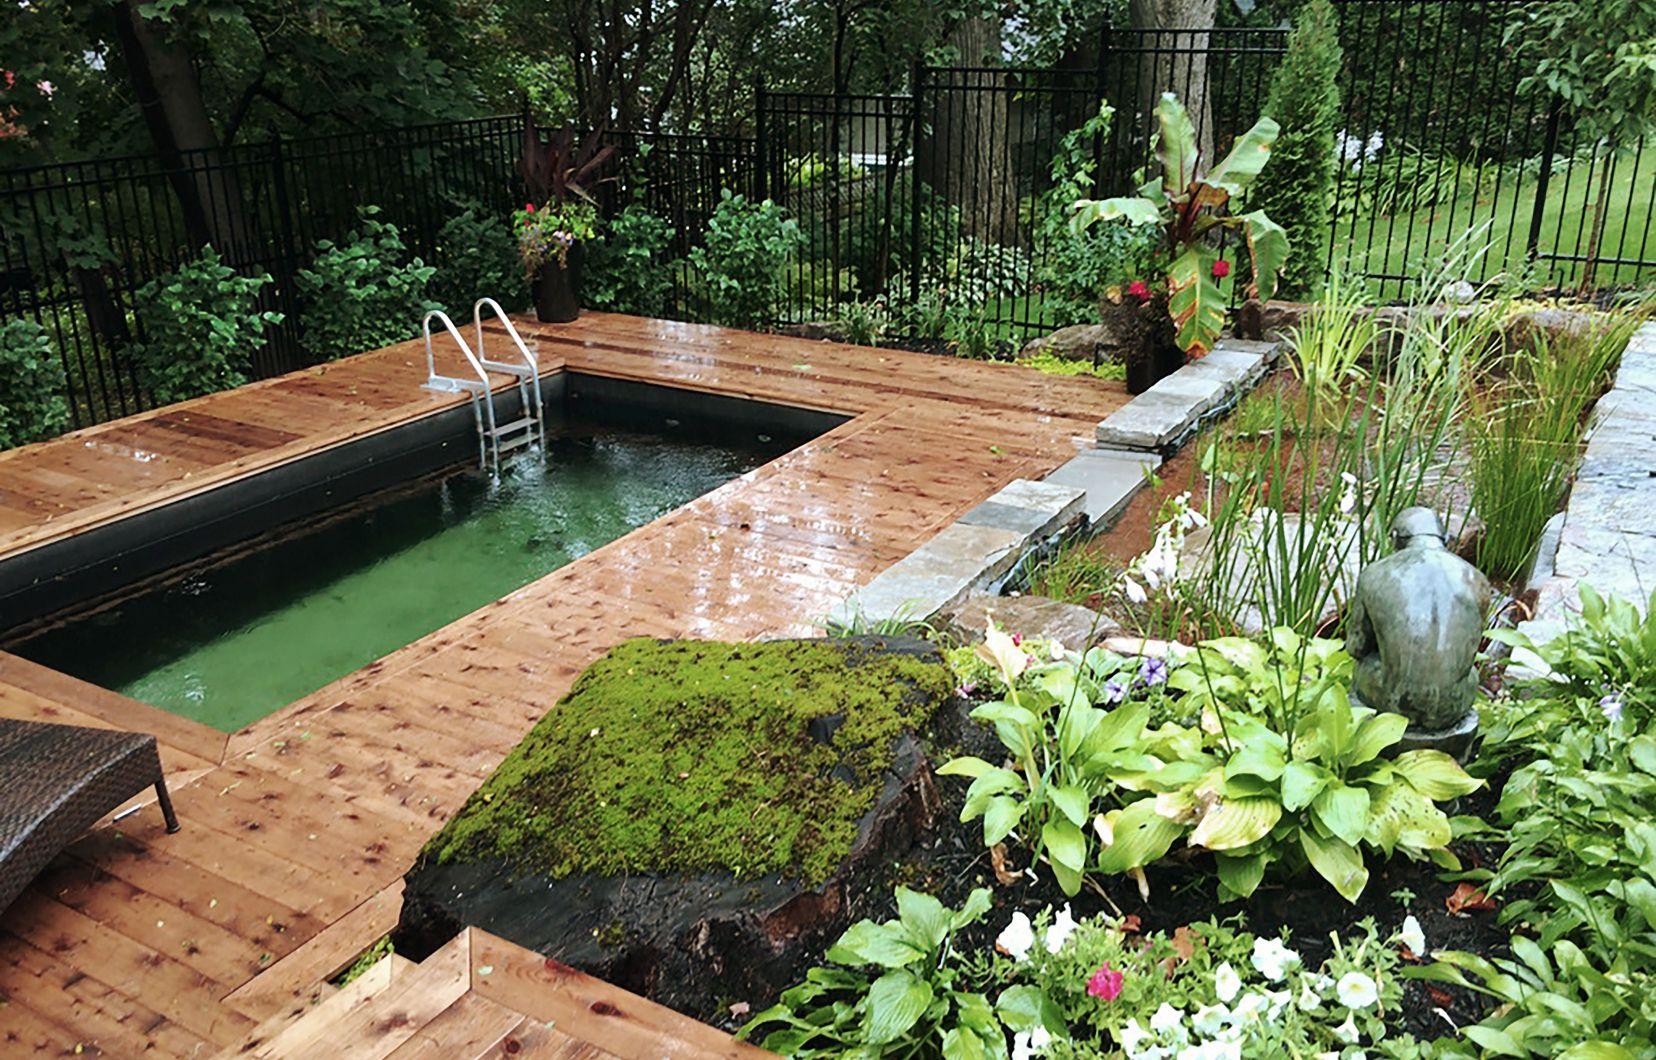 Jardin: La Piscine Naturelle Et L'étang De Baignade   Le Devoir encequiconcerne Prix D Un Bassin De Jardin